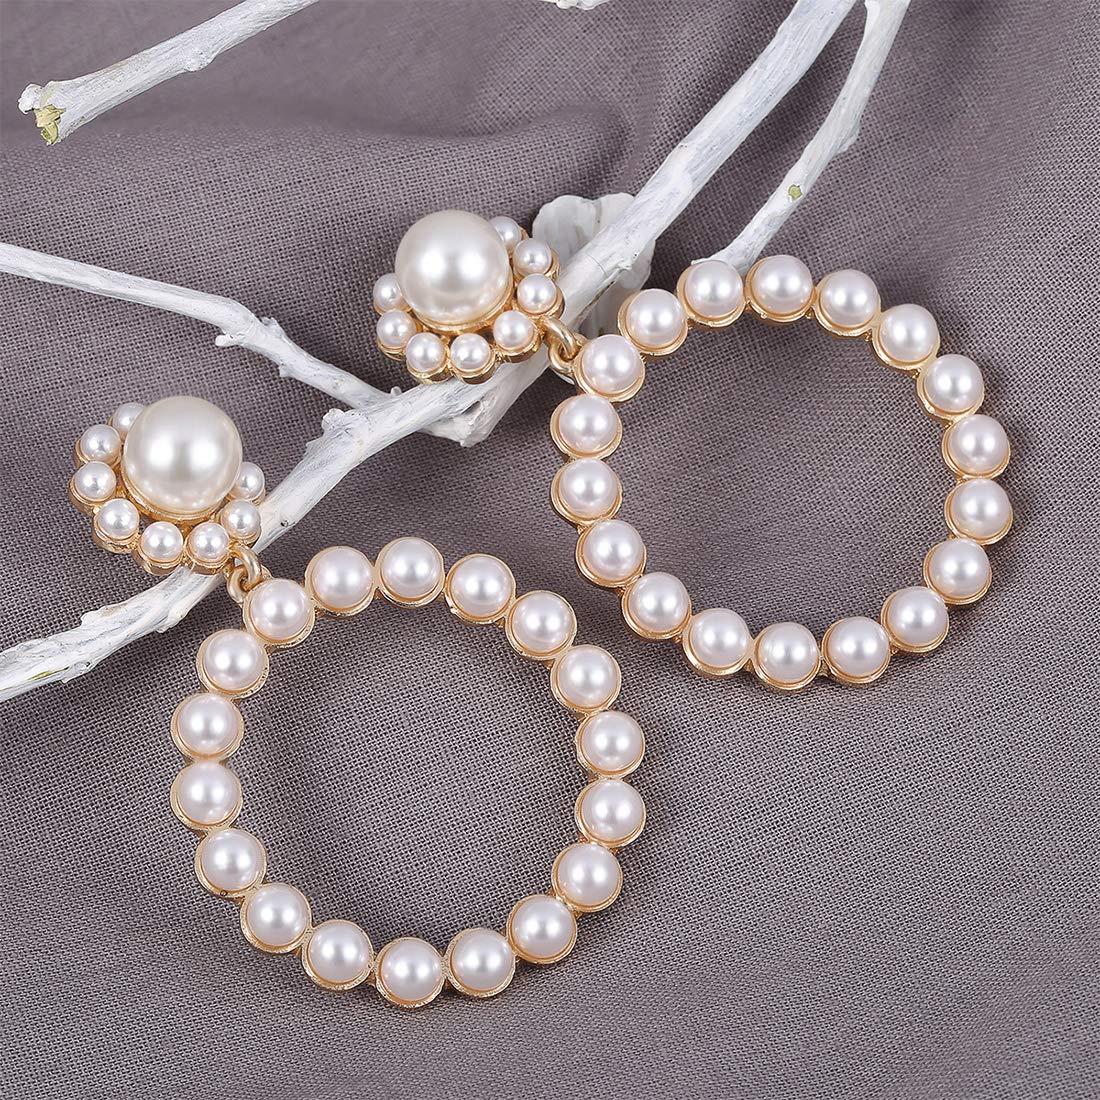 Pearl Hoop Drop Earrings Fashion Lightweight Pearl Dangle Earrings for Women Girls Christmas Jewelry Gifts